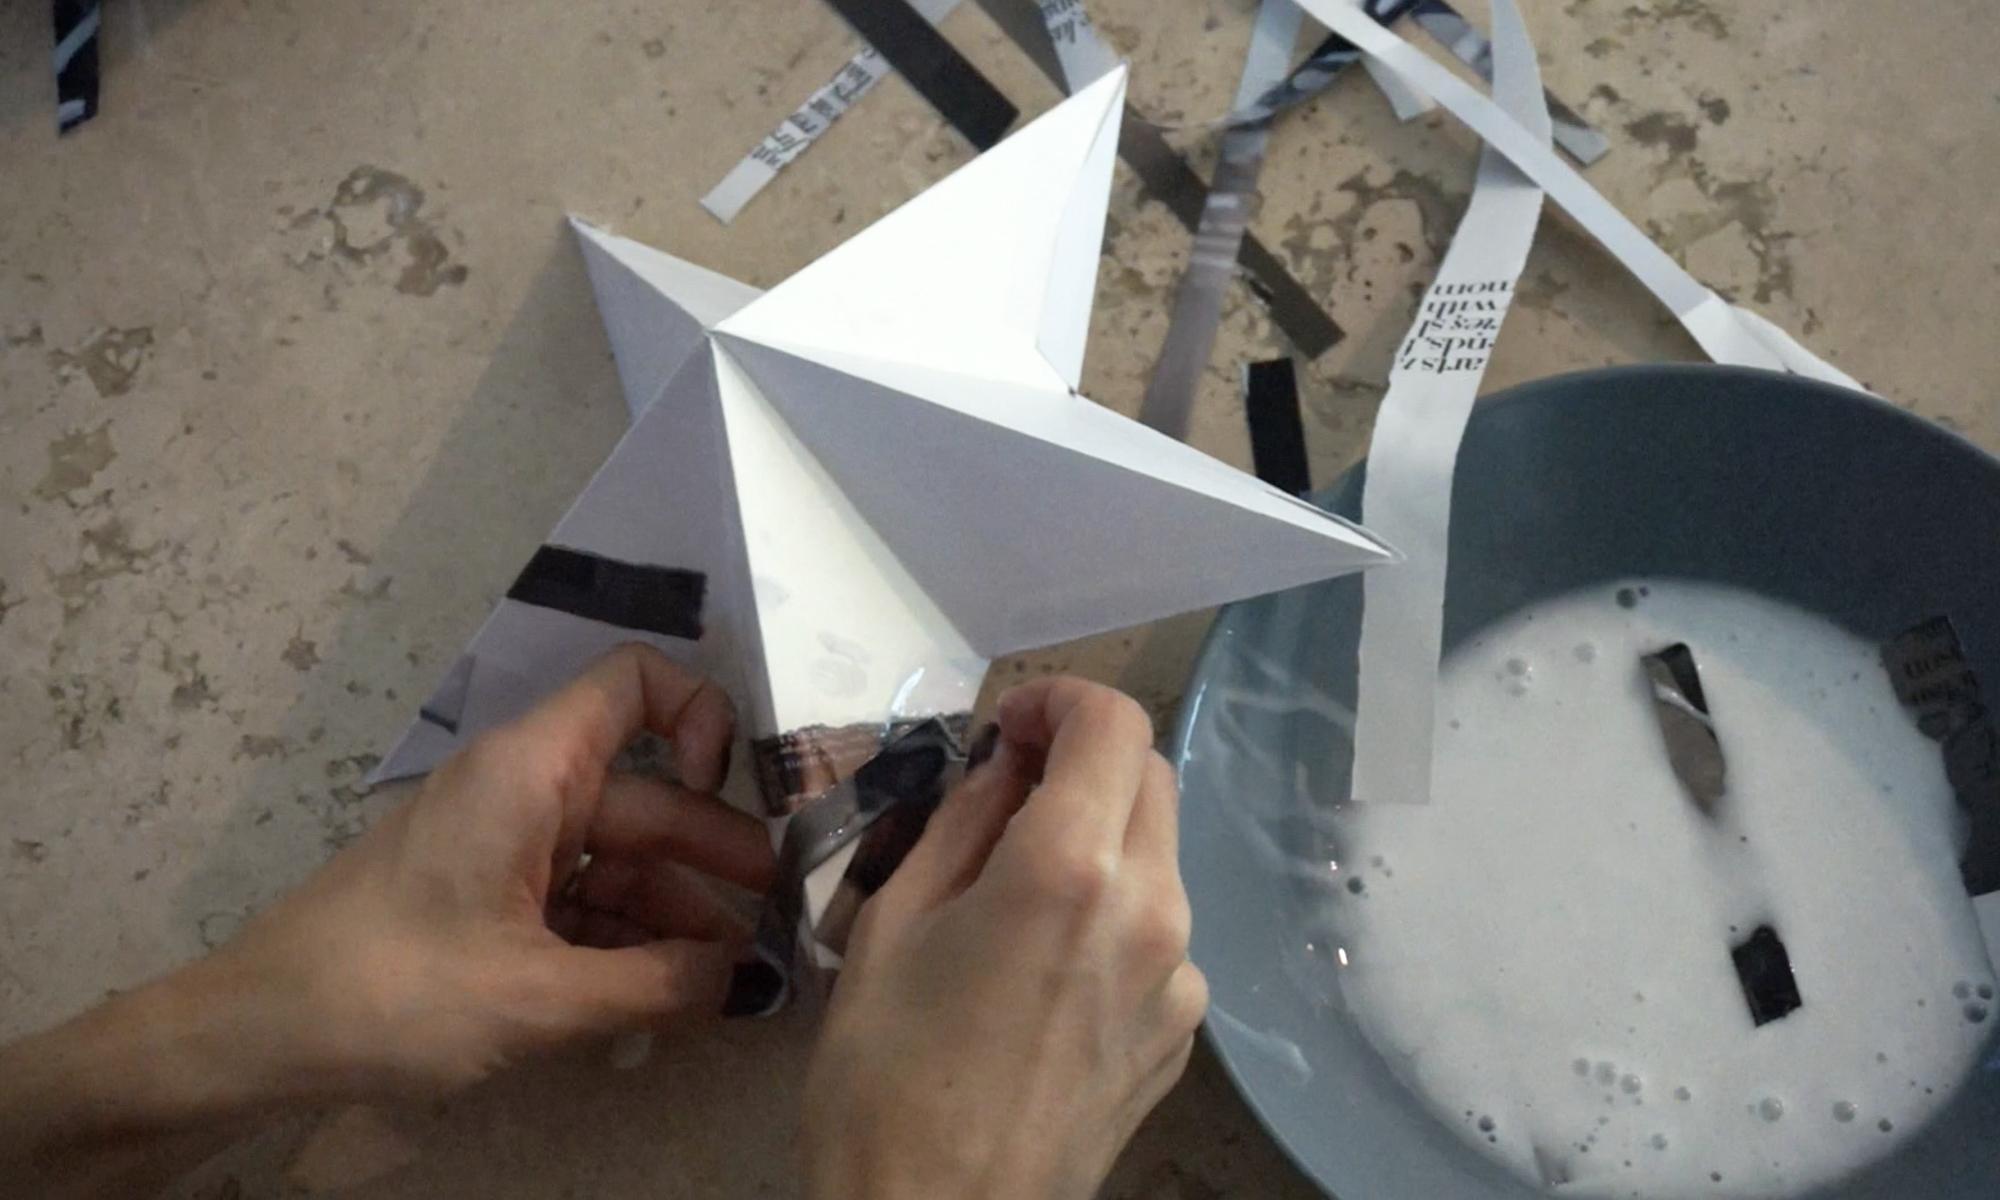 apply strips of paper dipped in a mixture of elmer's glue and water /  fortalece la estrella aplicando tiras de papel con engrudo (resistol mezclado con agua)